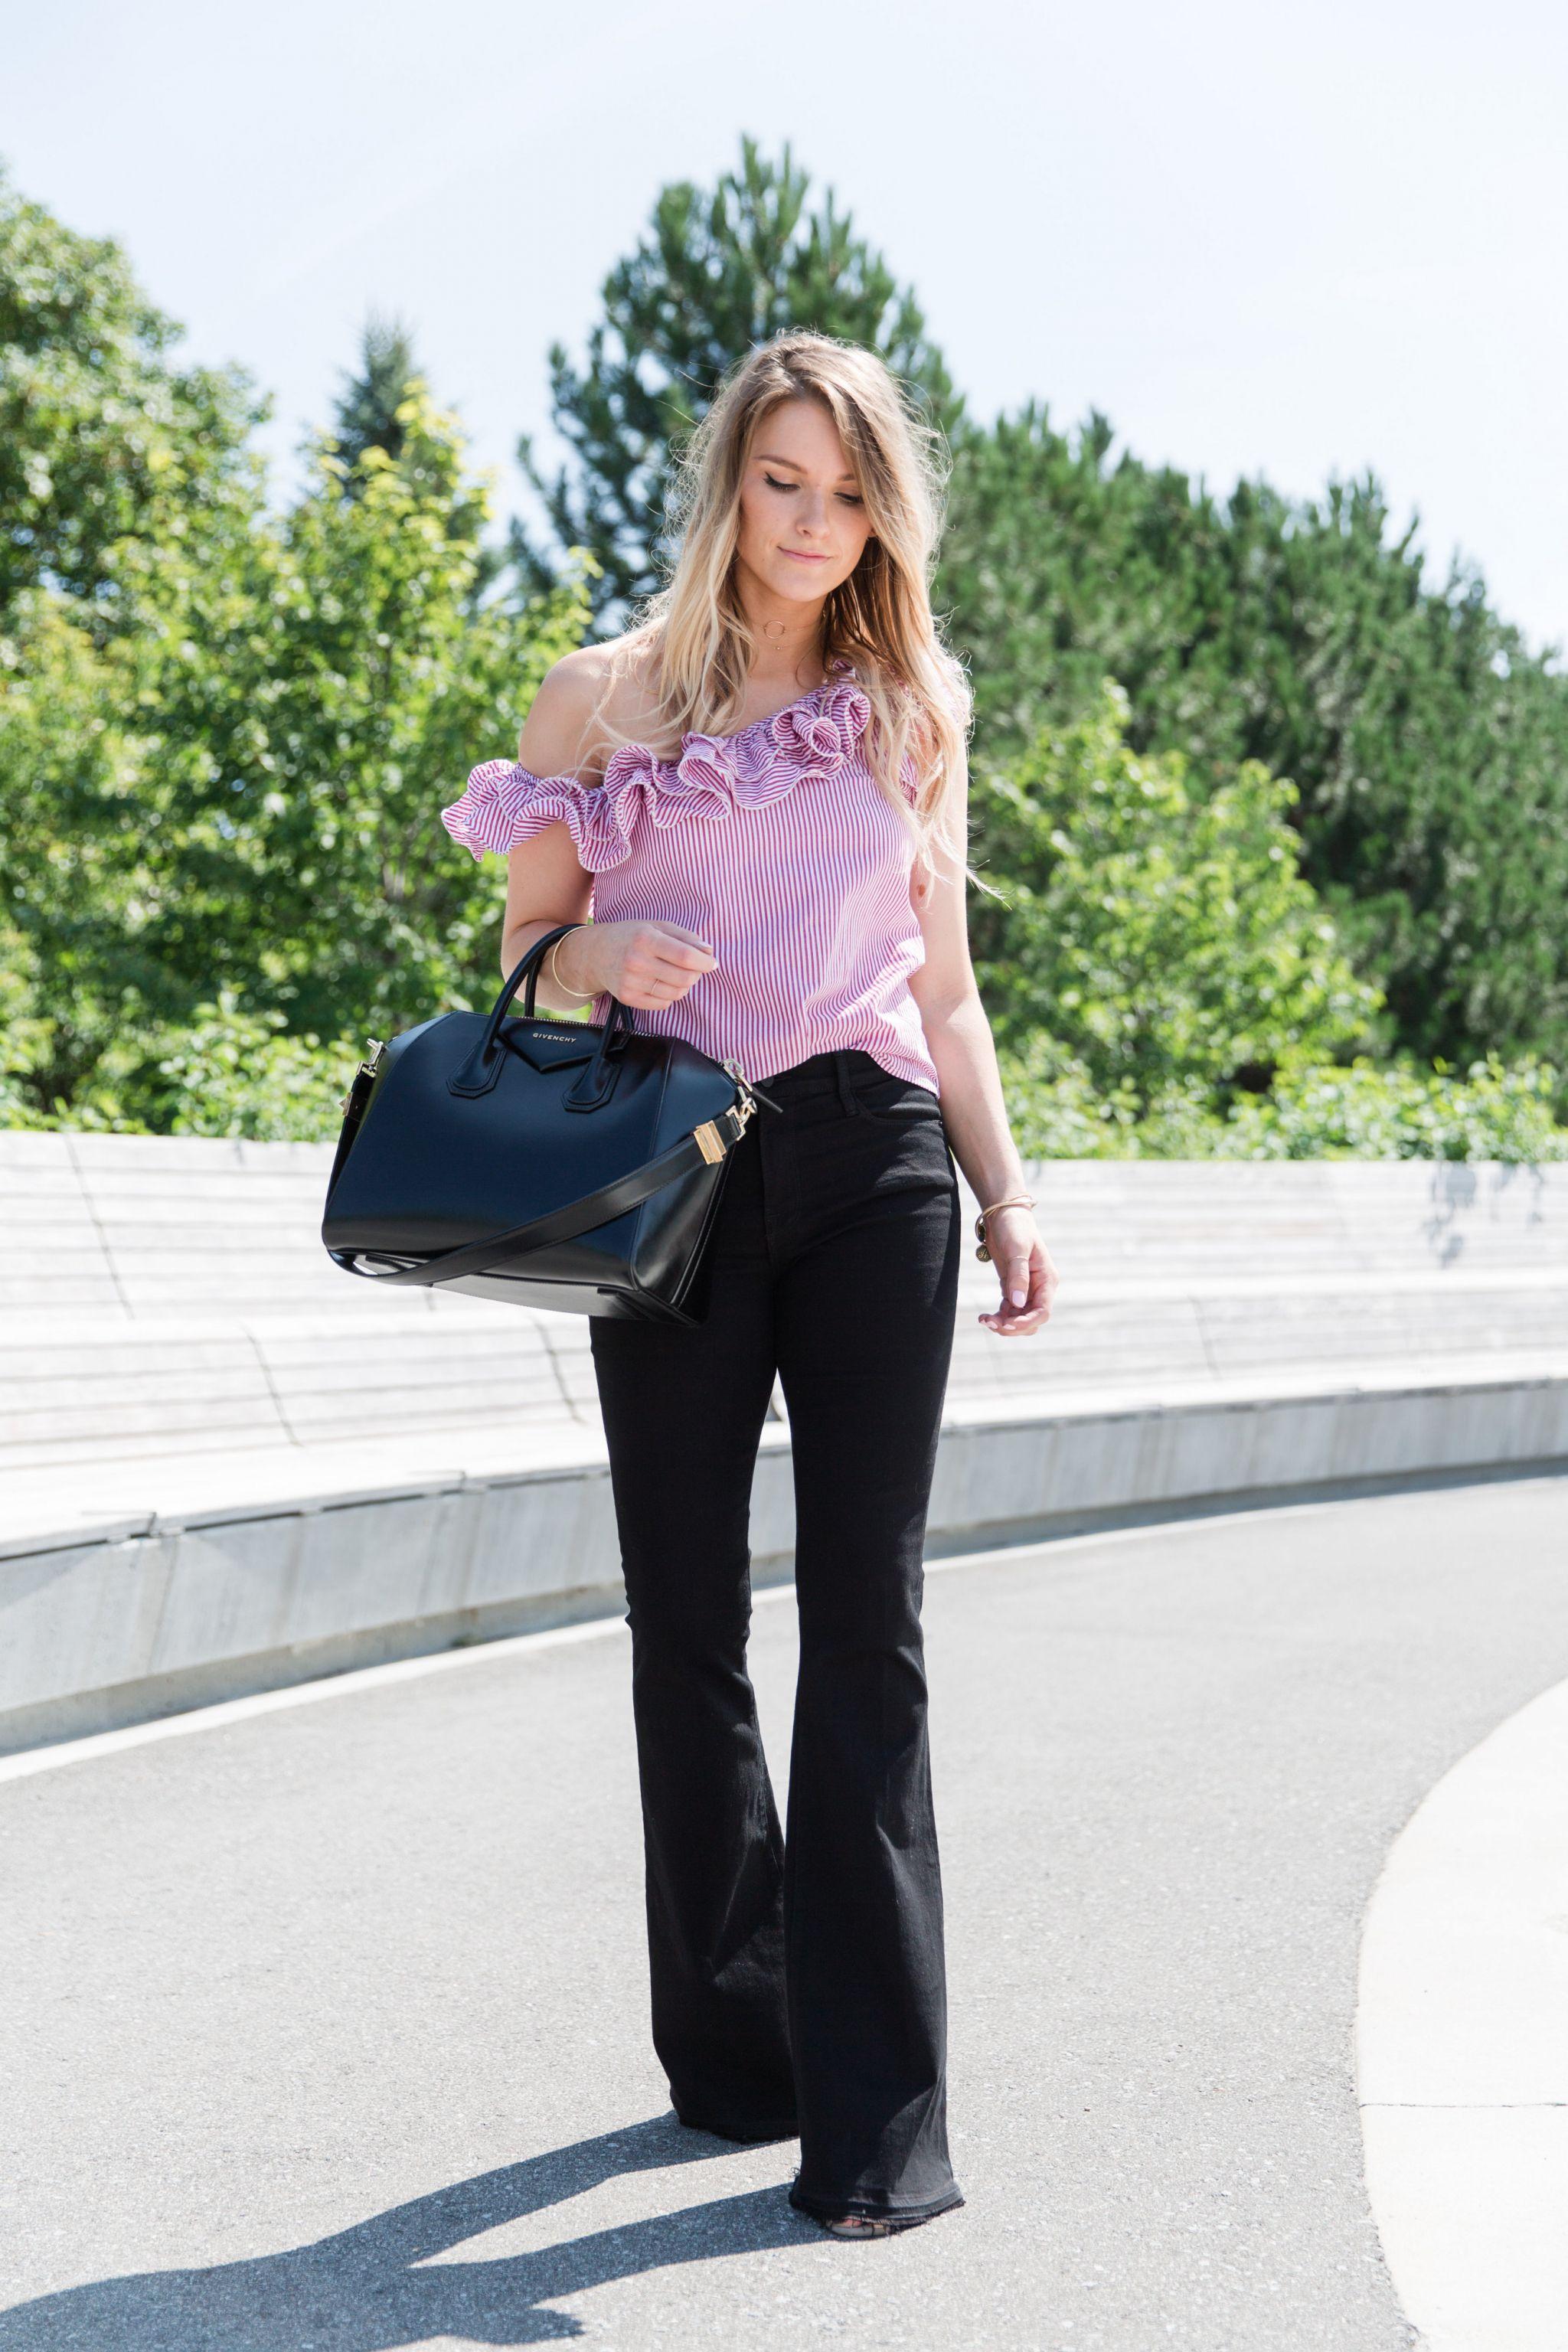 life-with-aco-one-sleeve-ruffle-top-frame-black-denim-flared-jeans-givenchy-antigona-engagement-ring-amanda.jpg